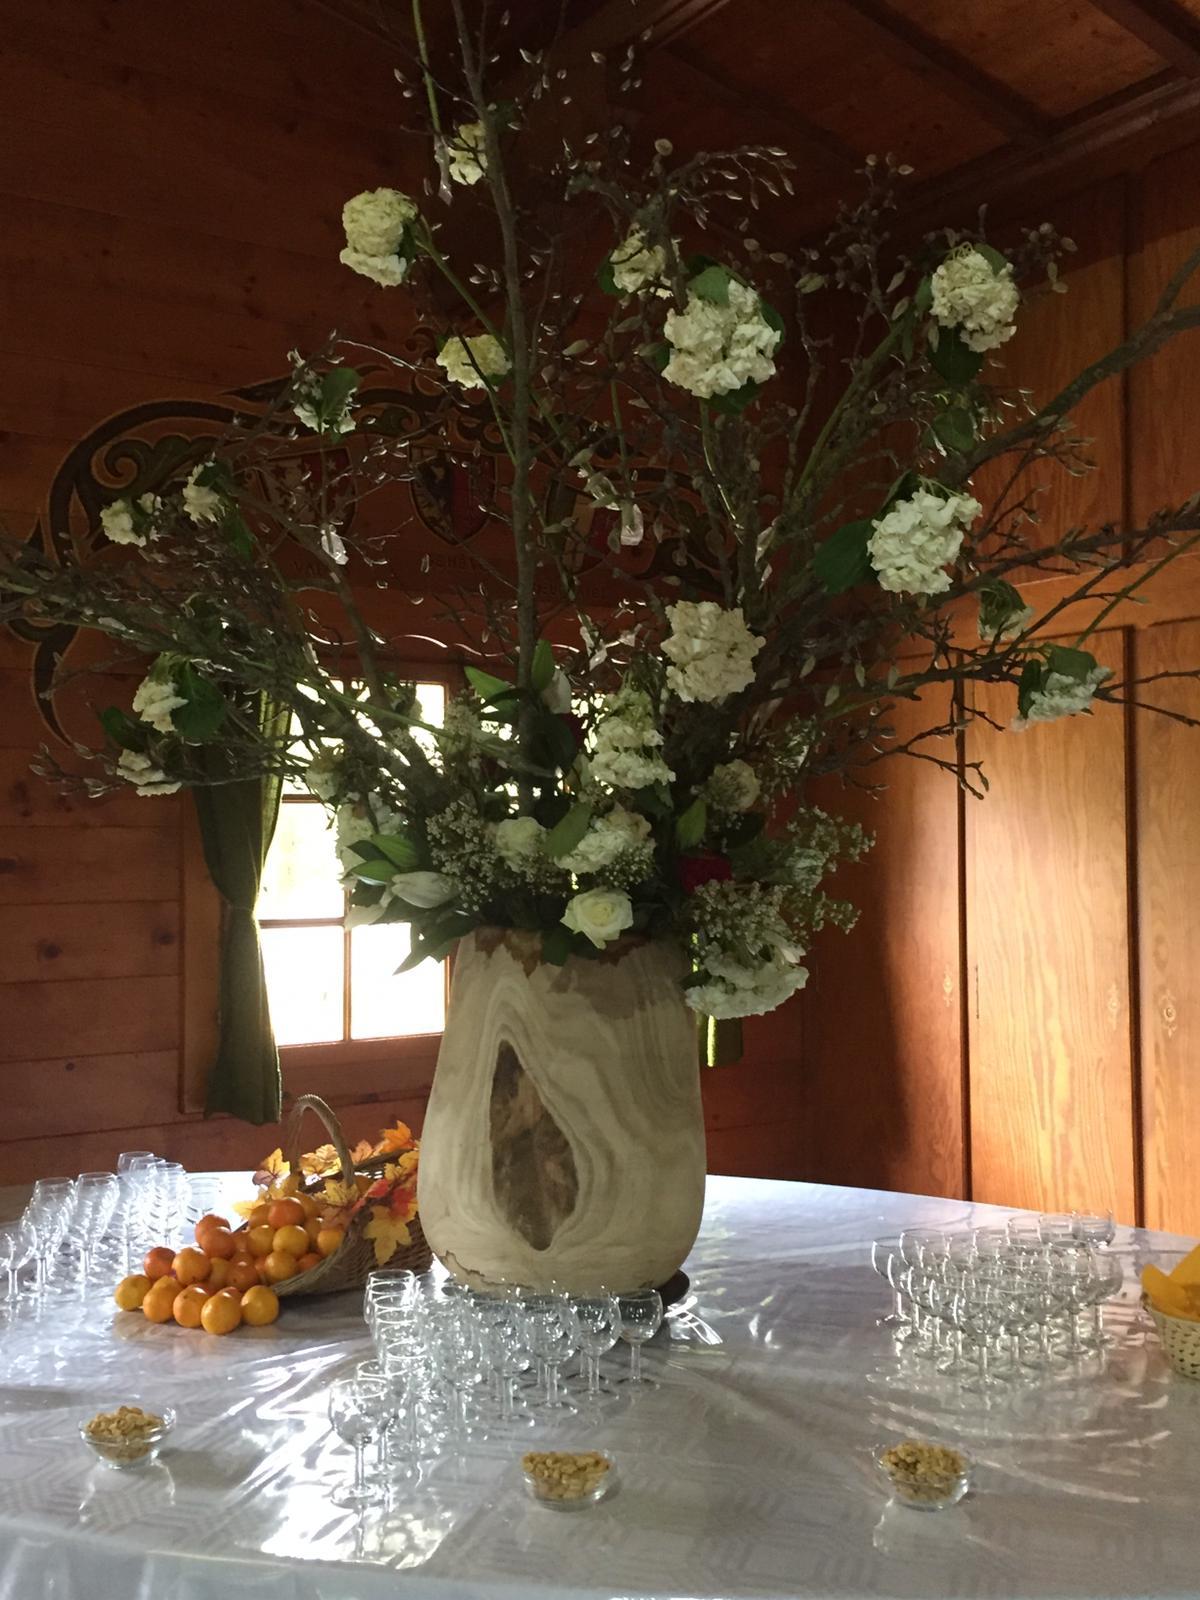 Le vase en bois